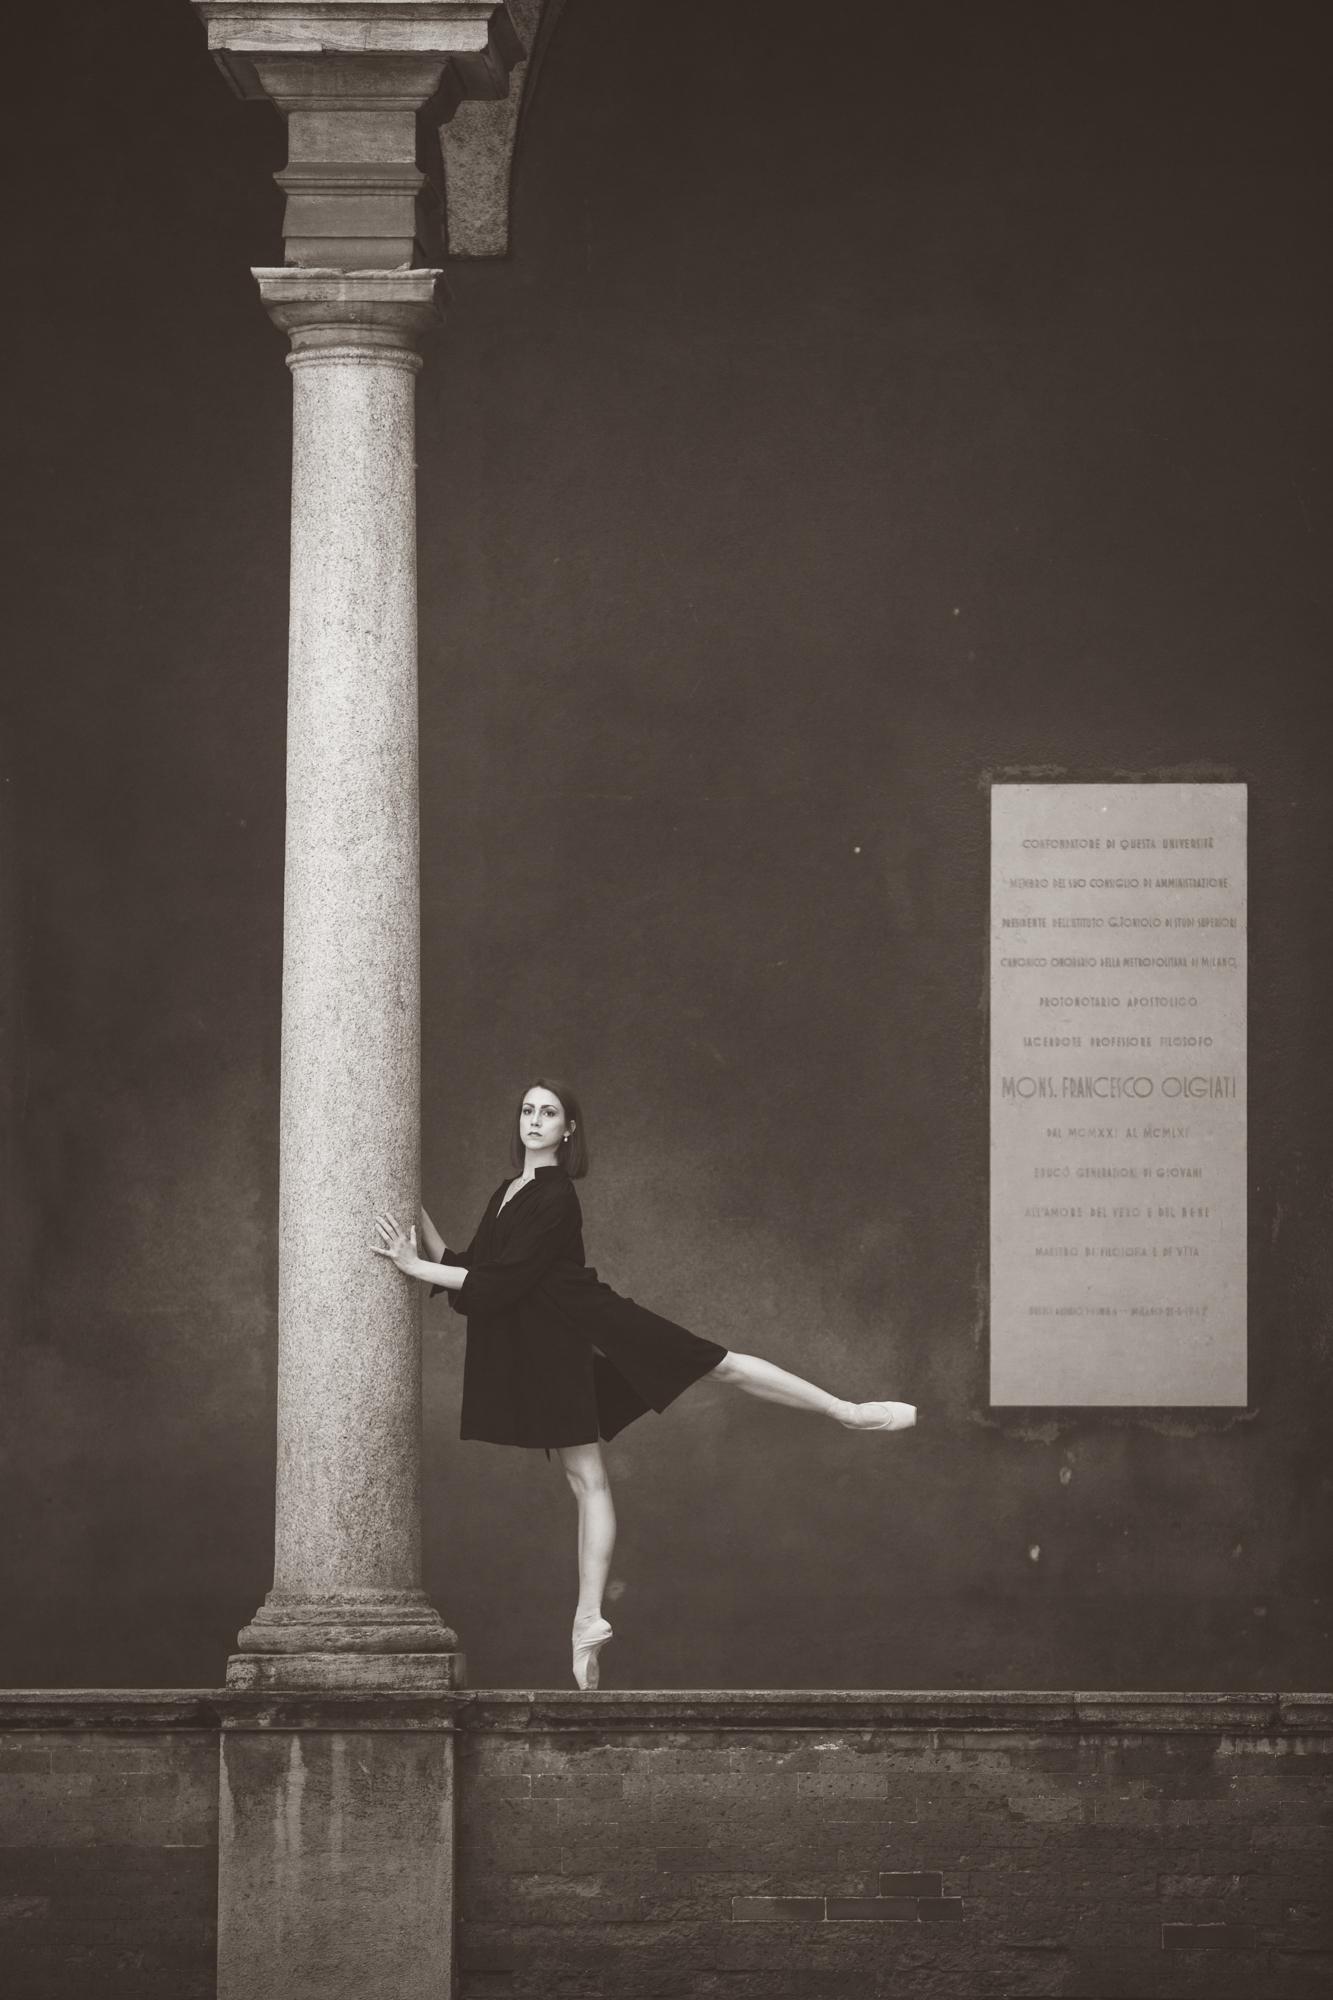 Sveva_ballerina-2